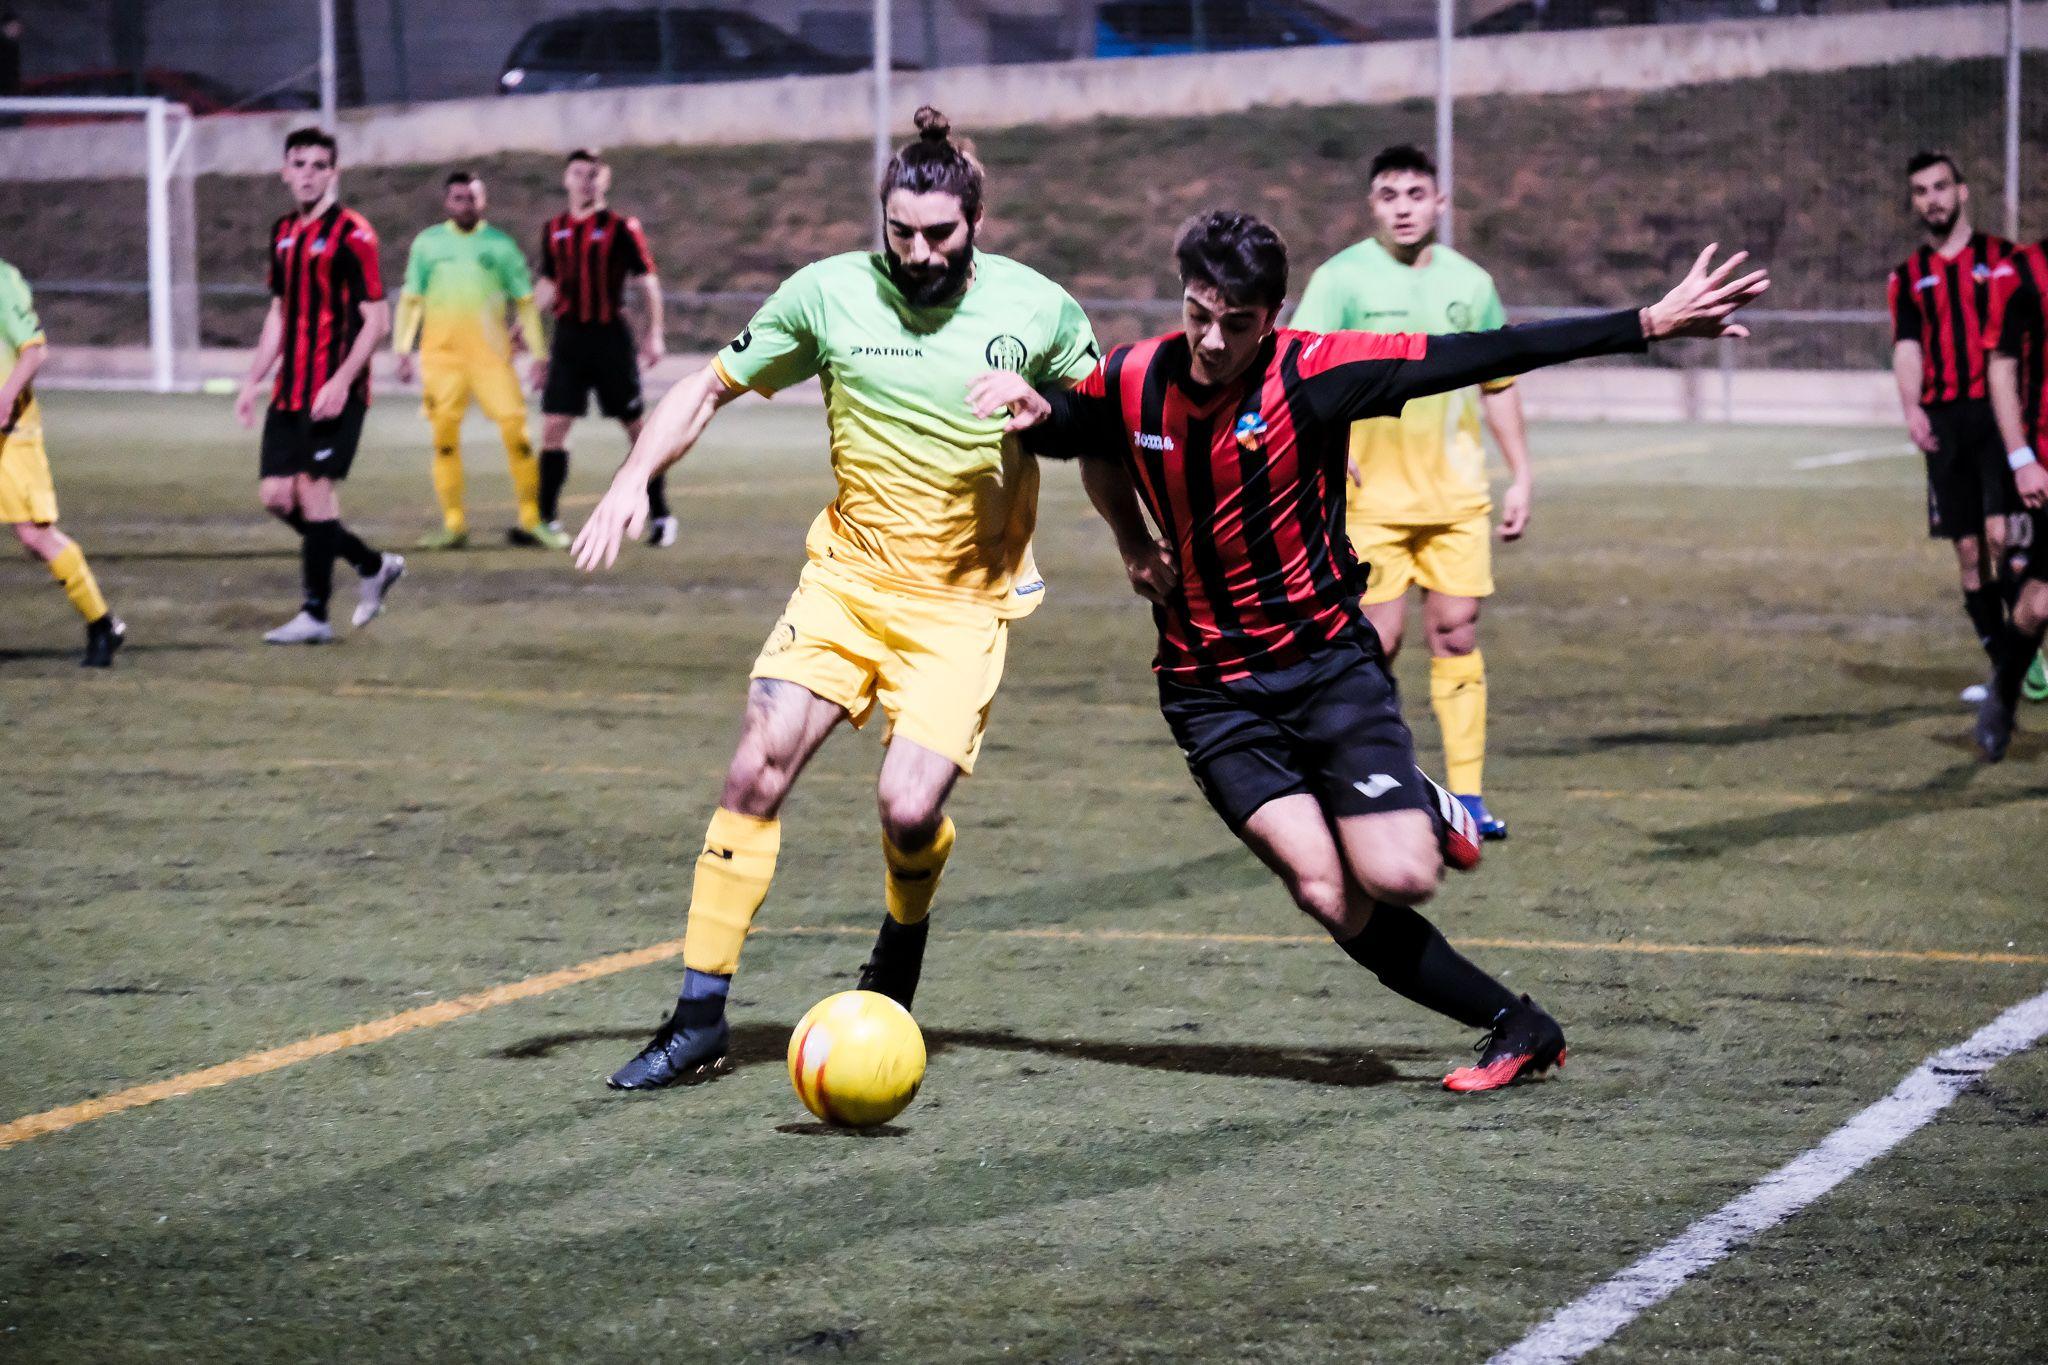 Partit de lliga, Sant Cugat F.C. - Can Buxeres F.C. FOTO: Ale Gómez